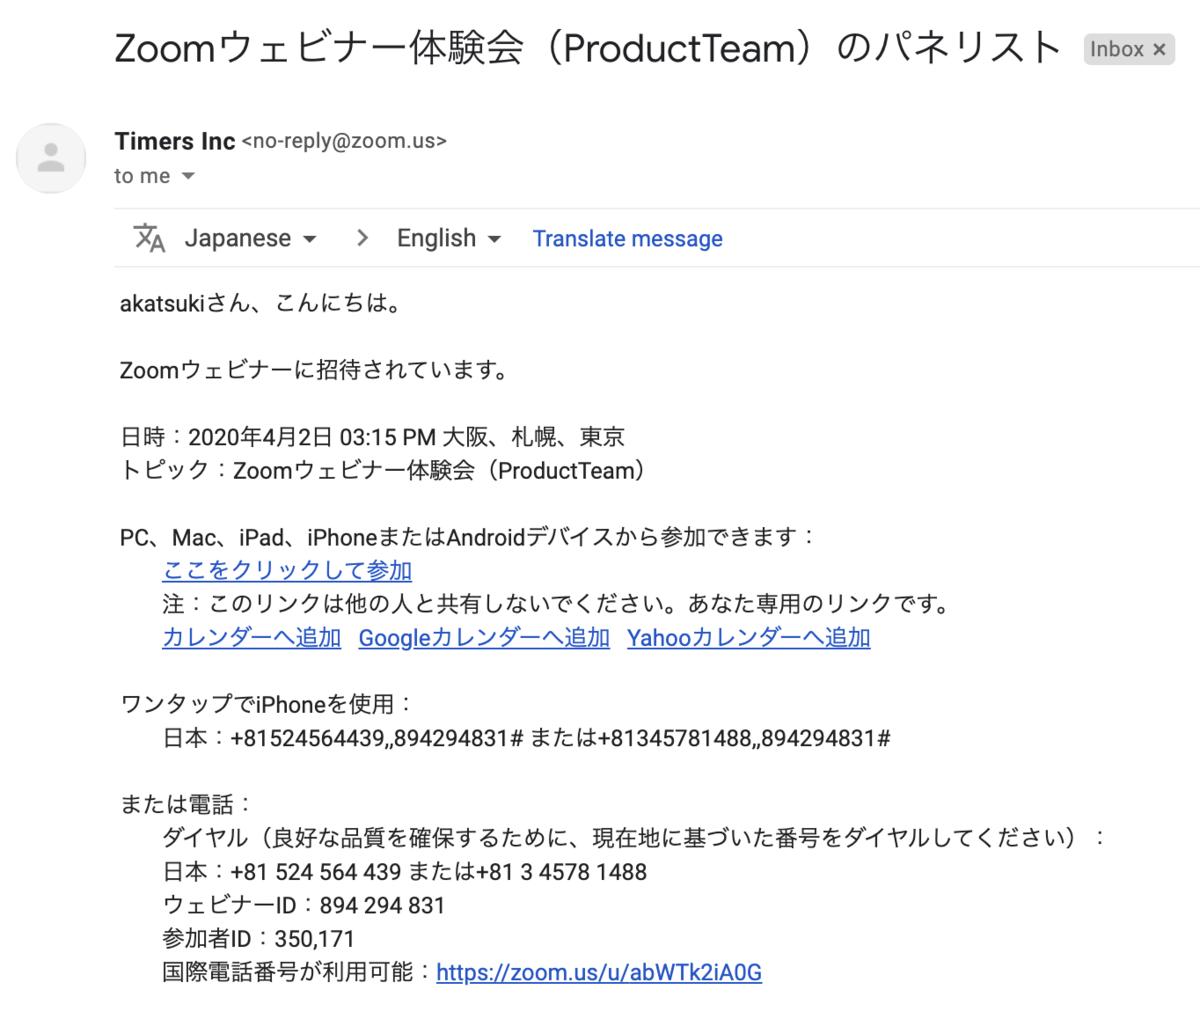 f:id:akatsuki174:20200428124122p:plain:w600